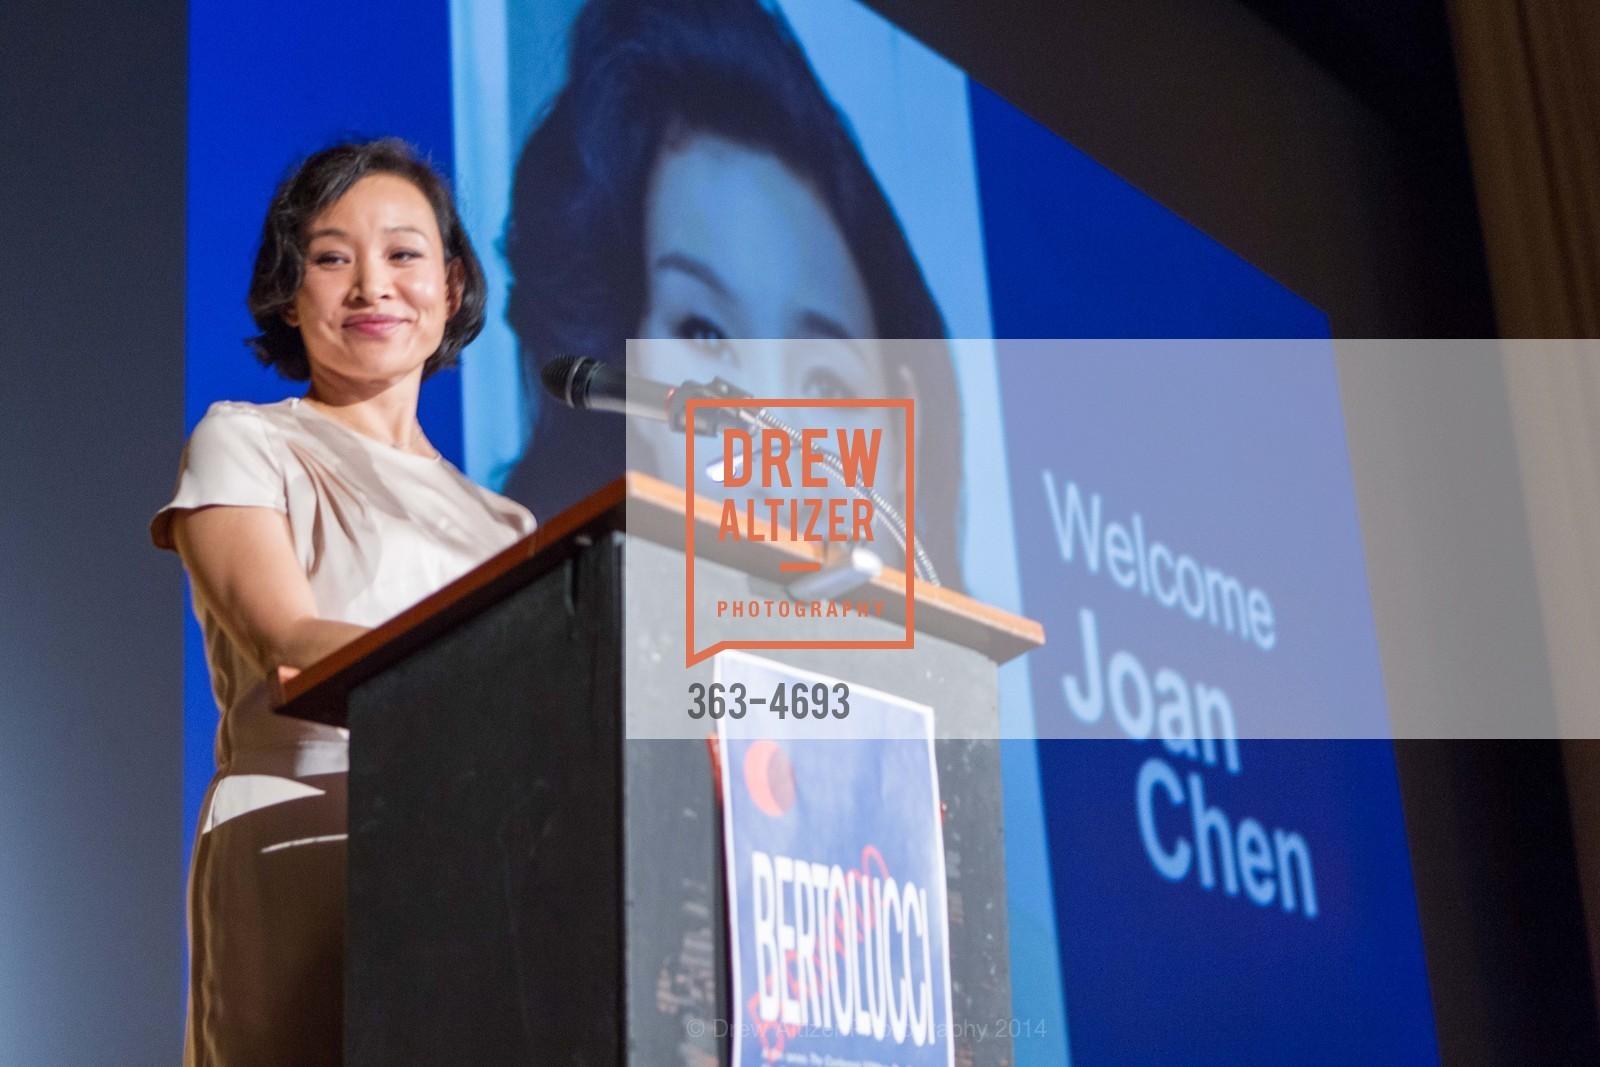 Joan Chen, Photo #363-4693